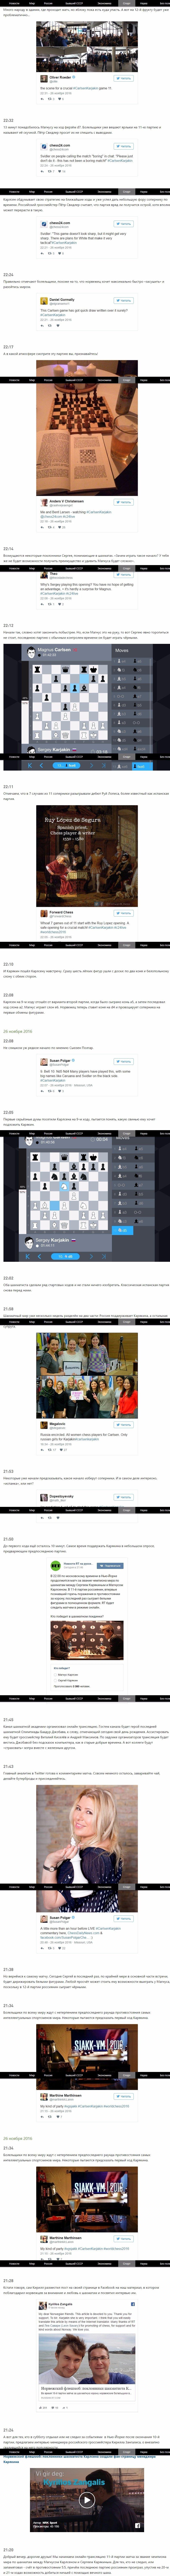 pravda-tv_2016-11-26_22-42-14